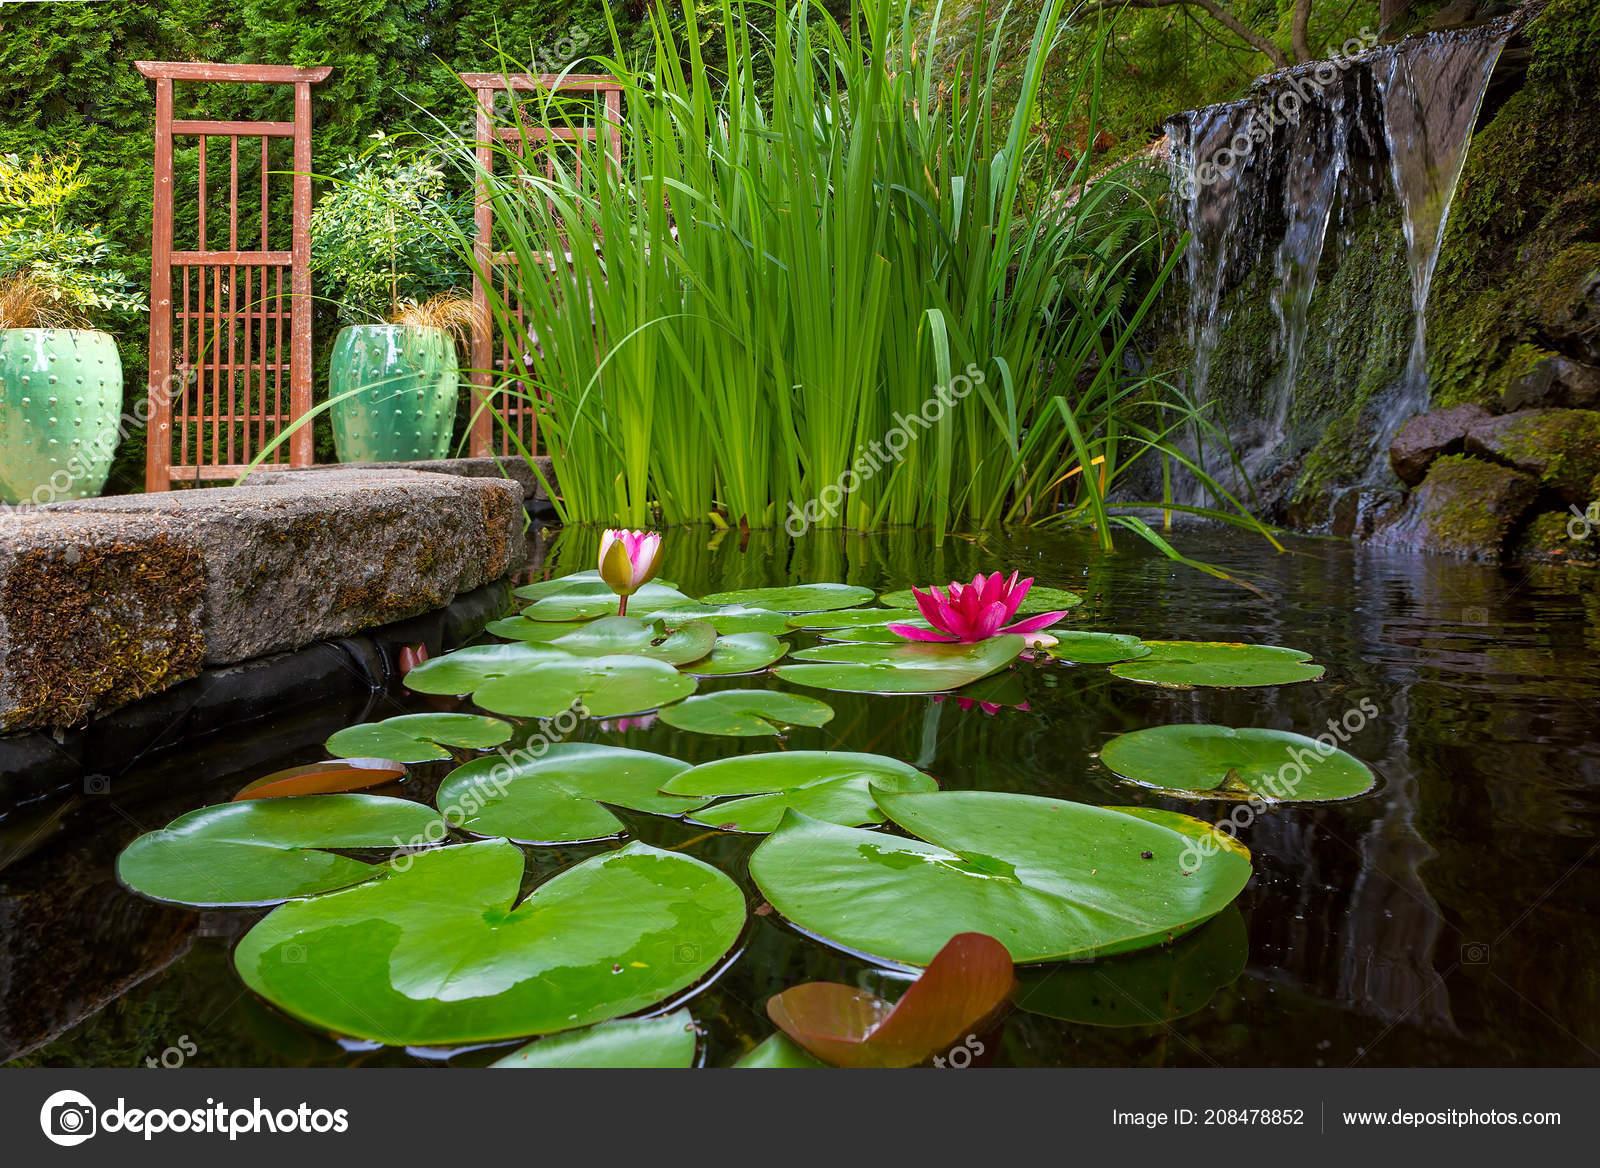 Estanque jard n patio con cascada lirios agua iris for Estanque de jardin con cascada